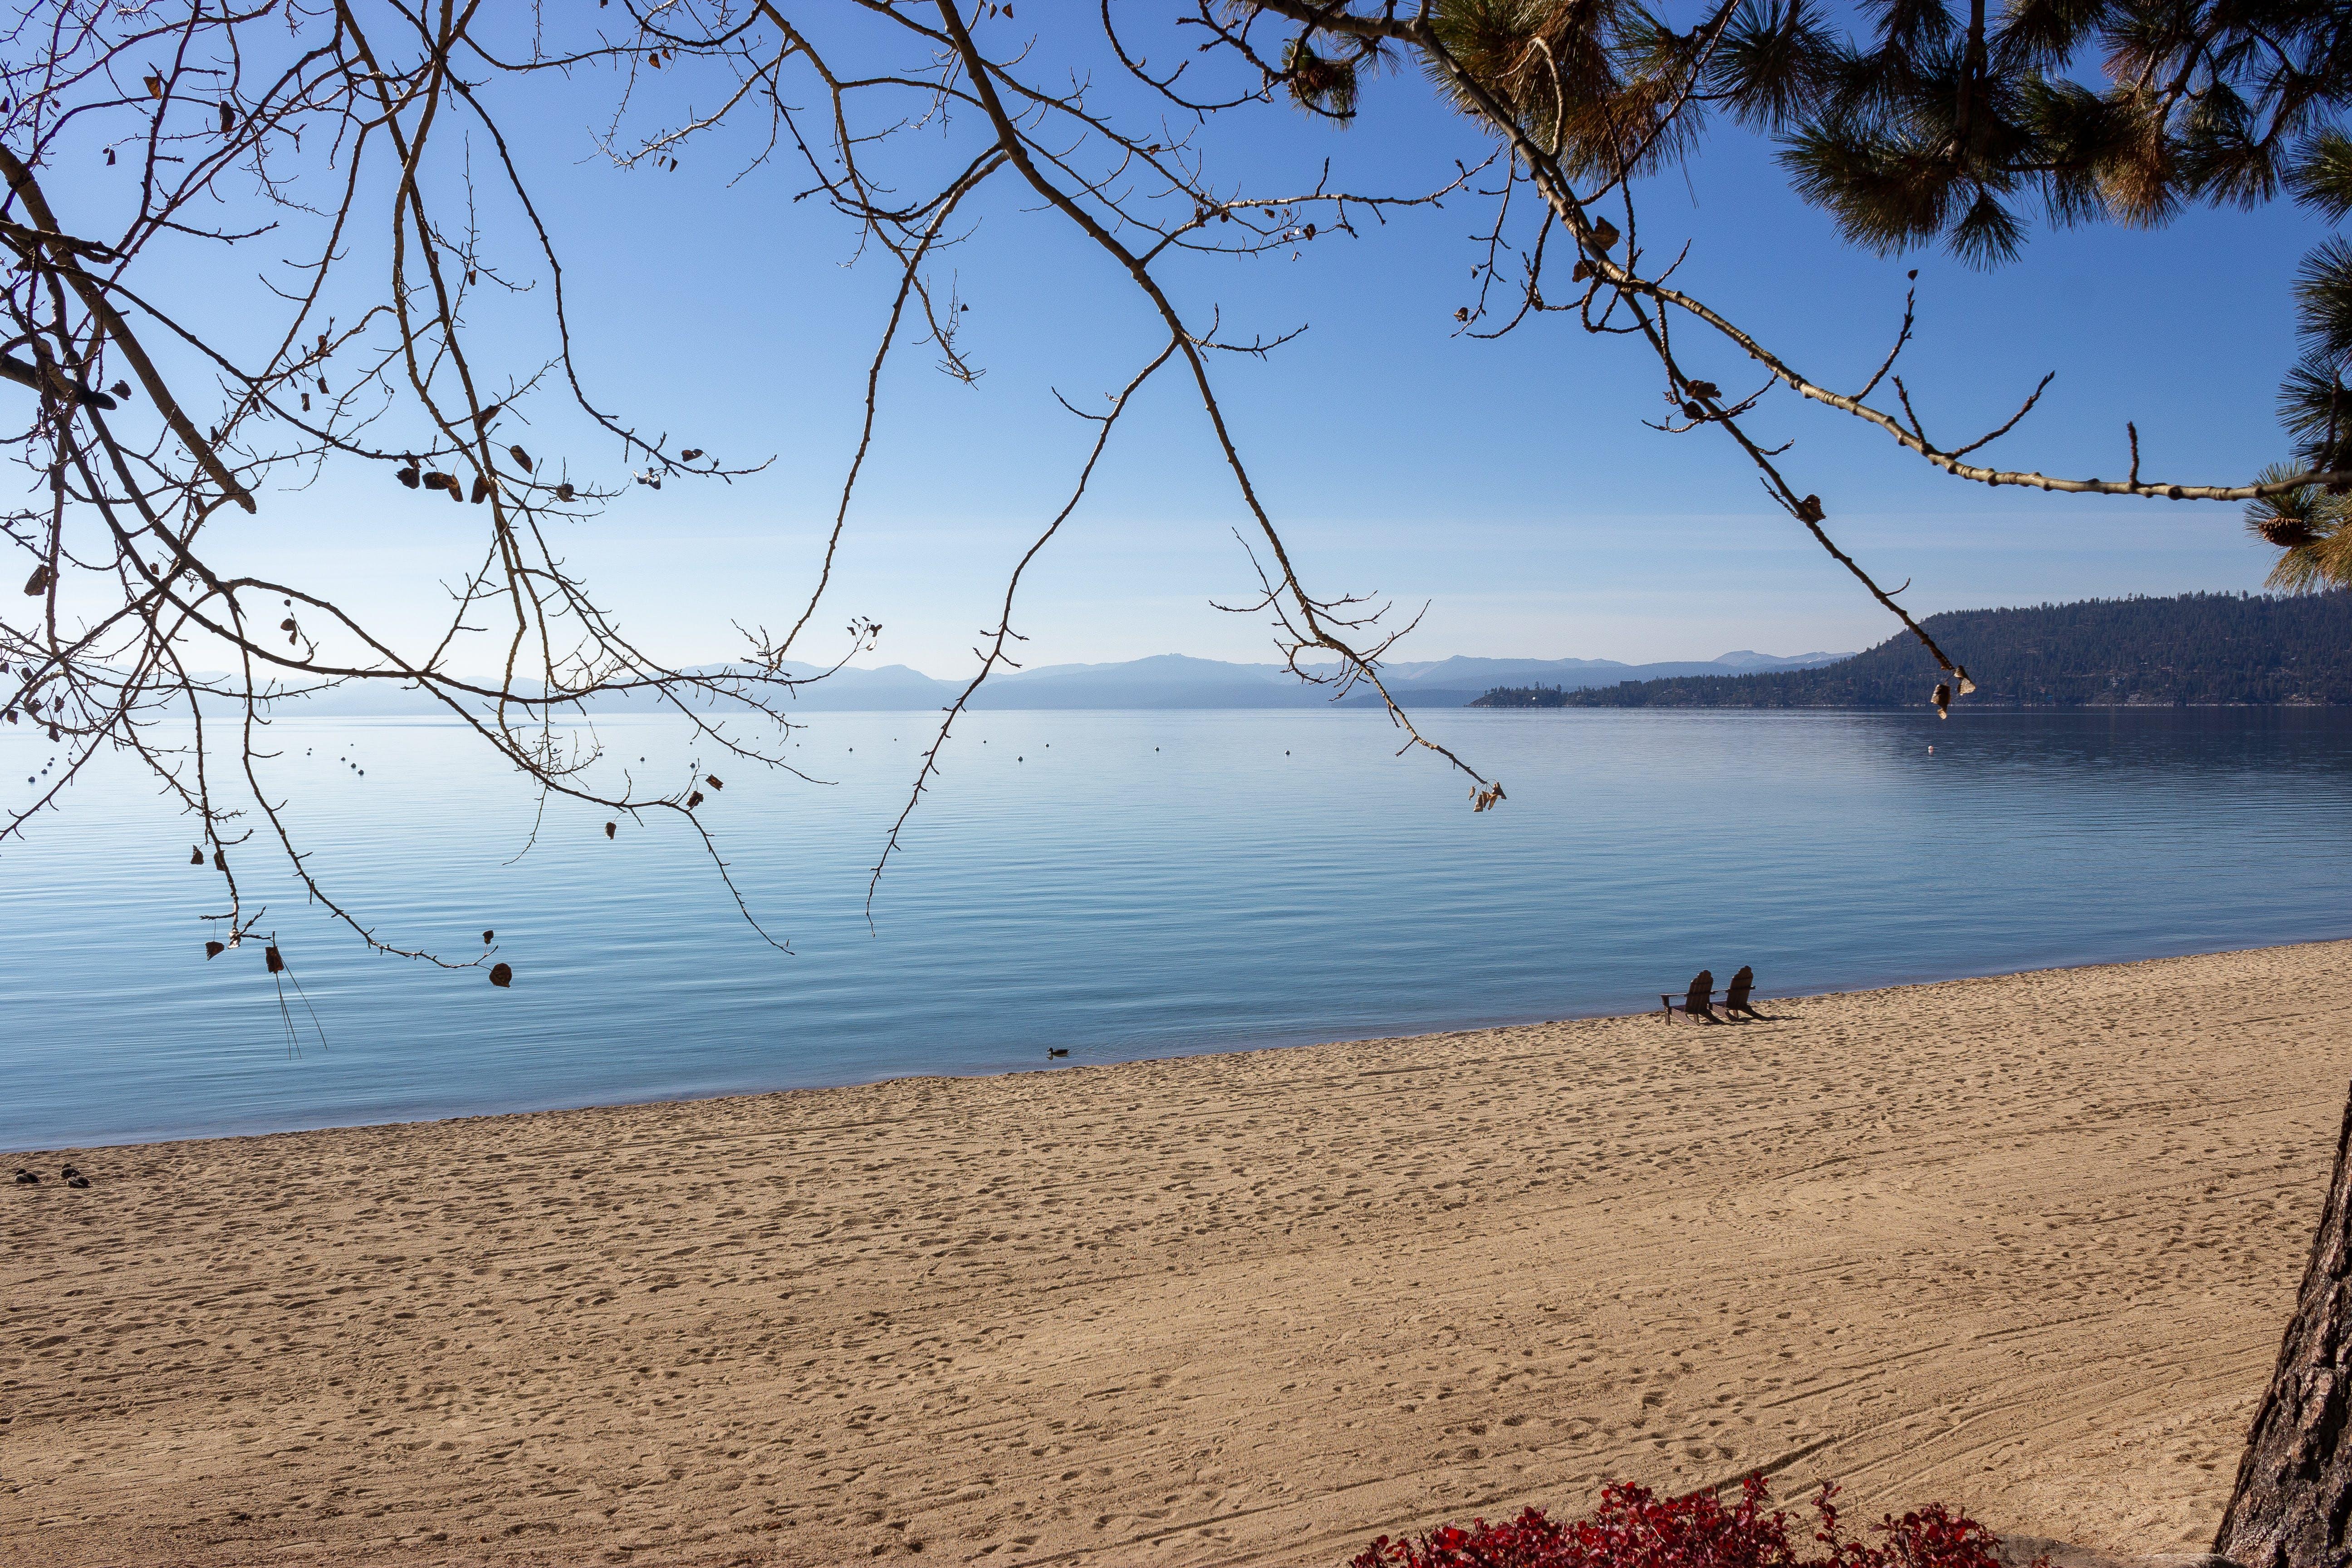 Free stock photo of Lake Tahoe